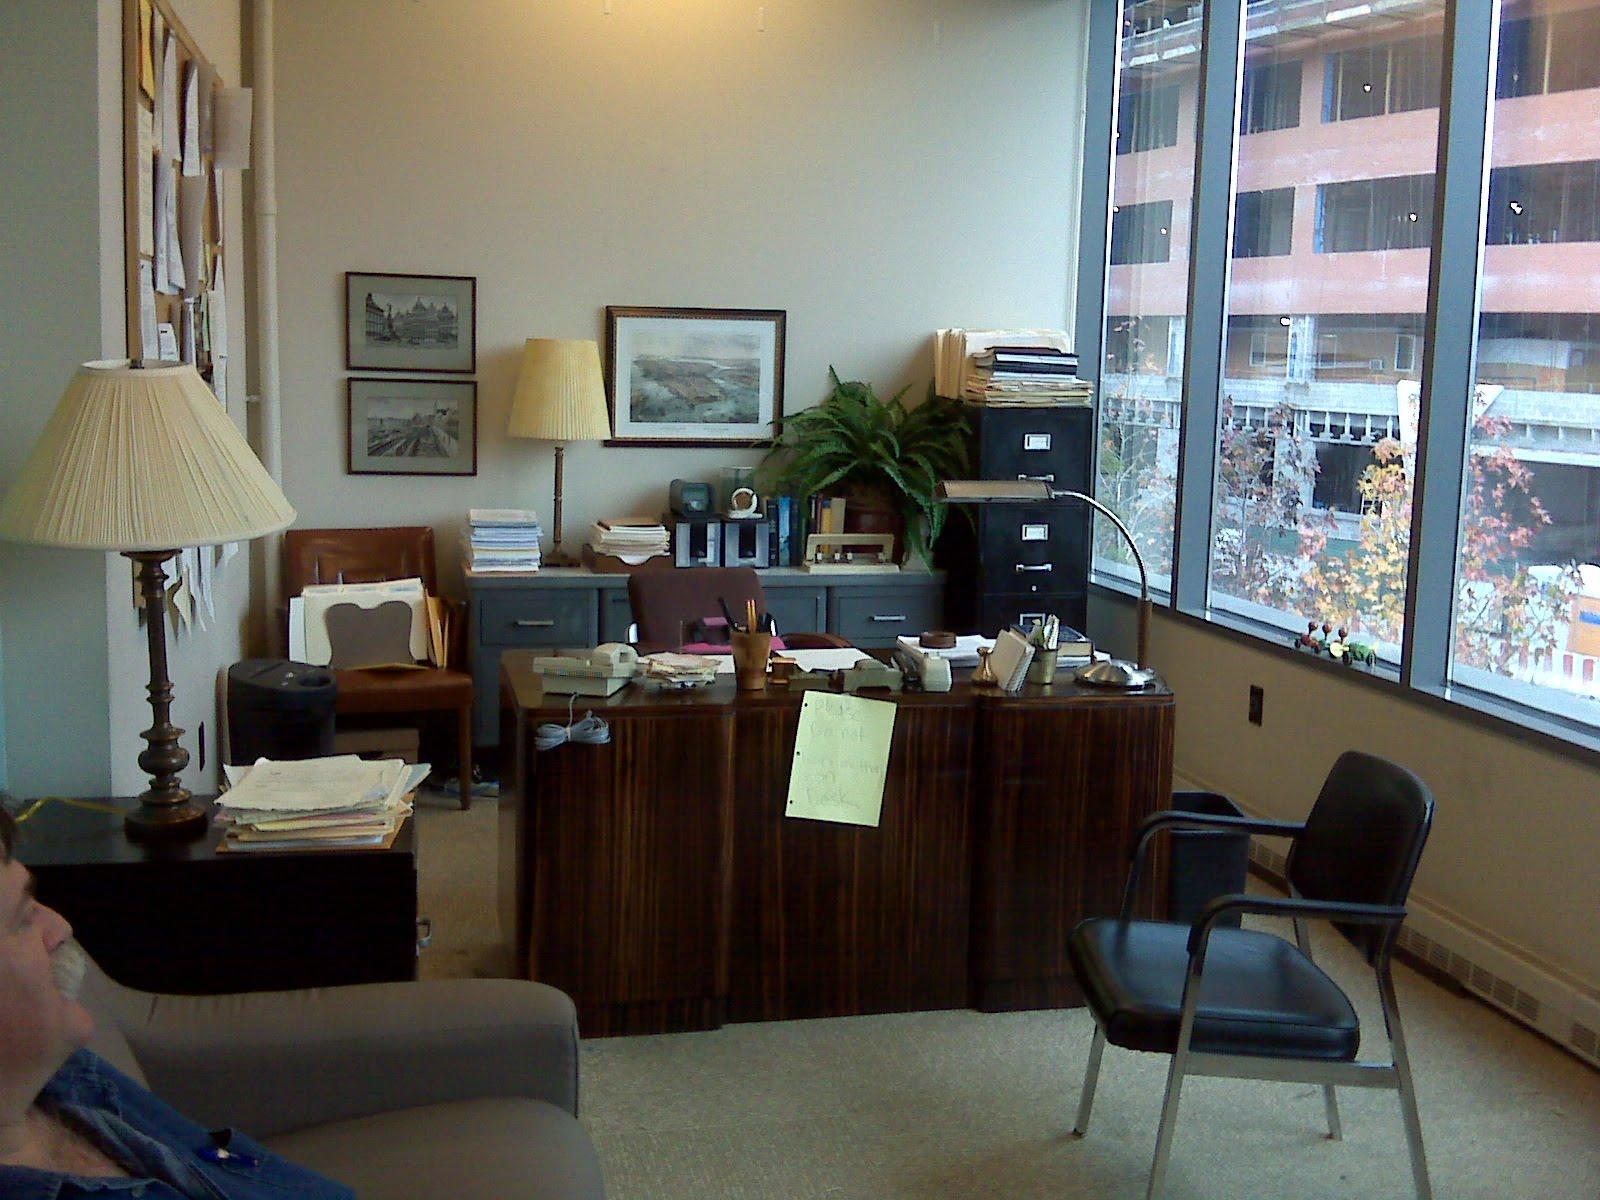 http://1.bp.blogspot.com/_YEn3B0B3QGg/S98kKsClGEI/AAAAAAAAAHg/Ed-d1HEEJQc/s1600/Staff+lounge+2+11-09.JPG